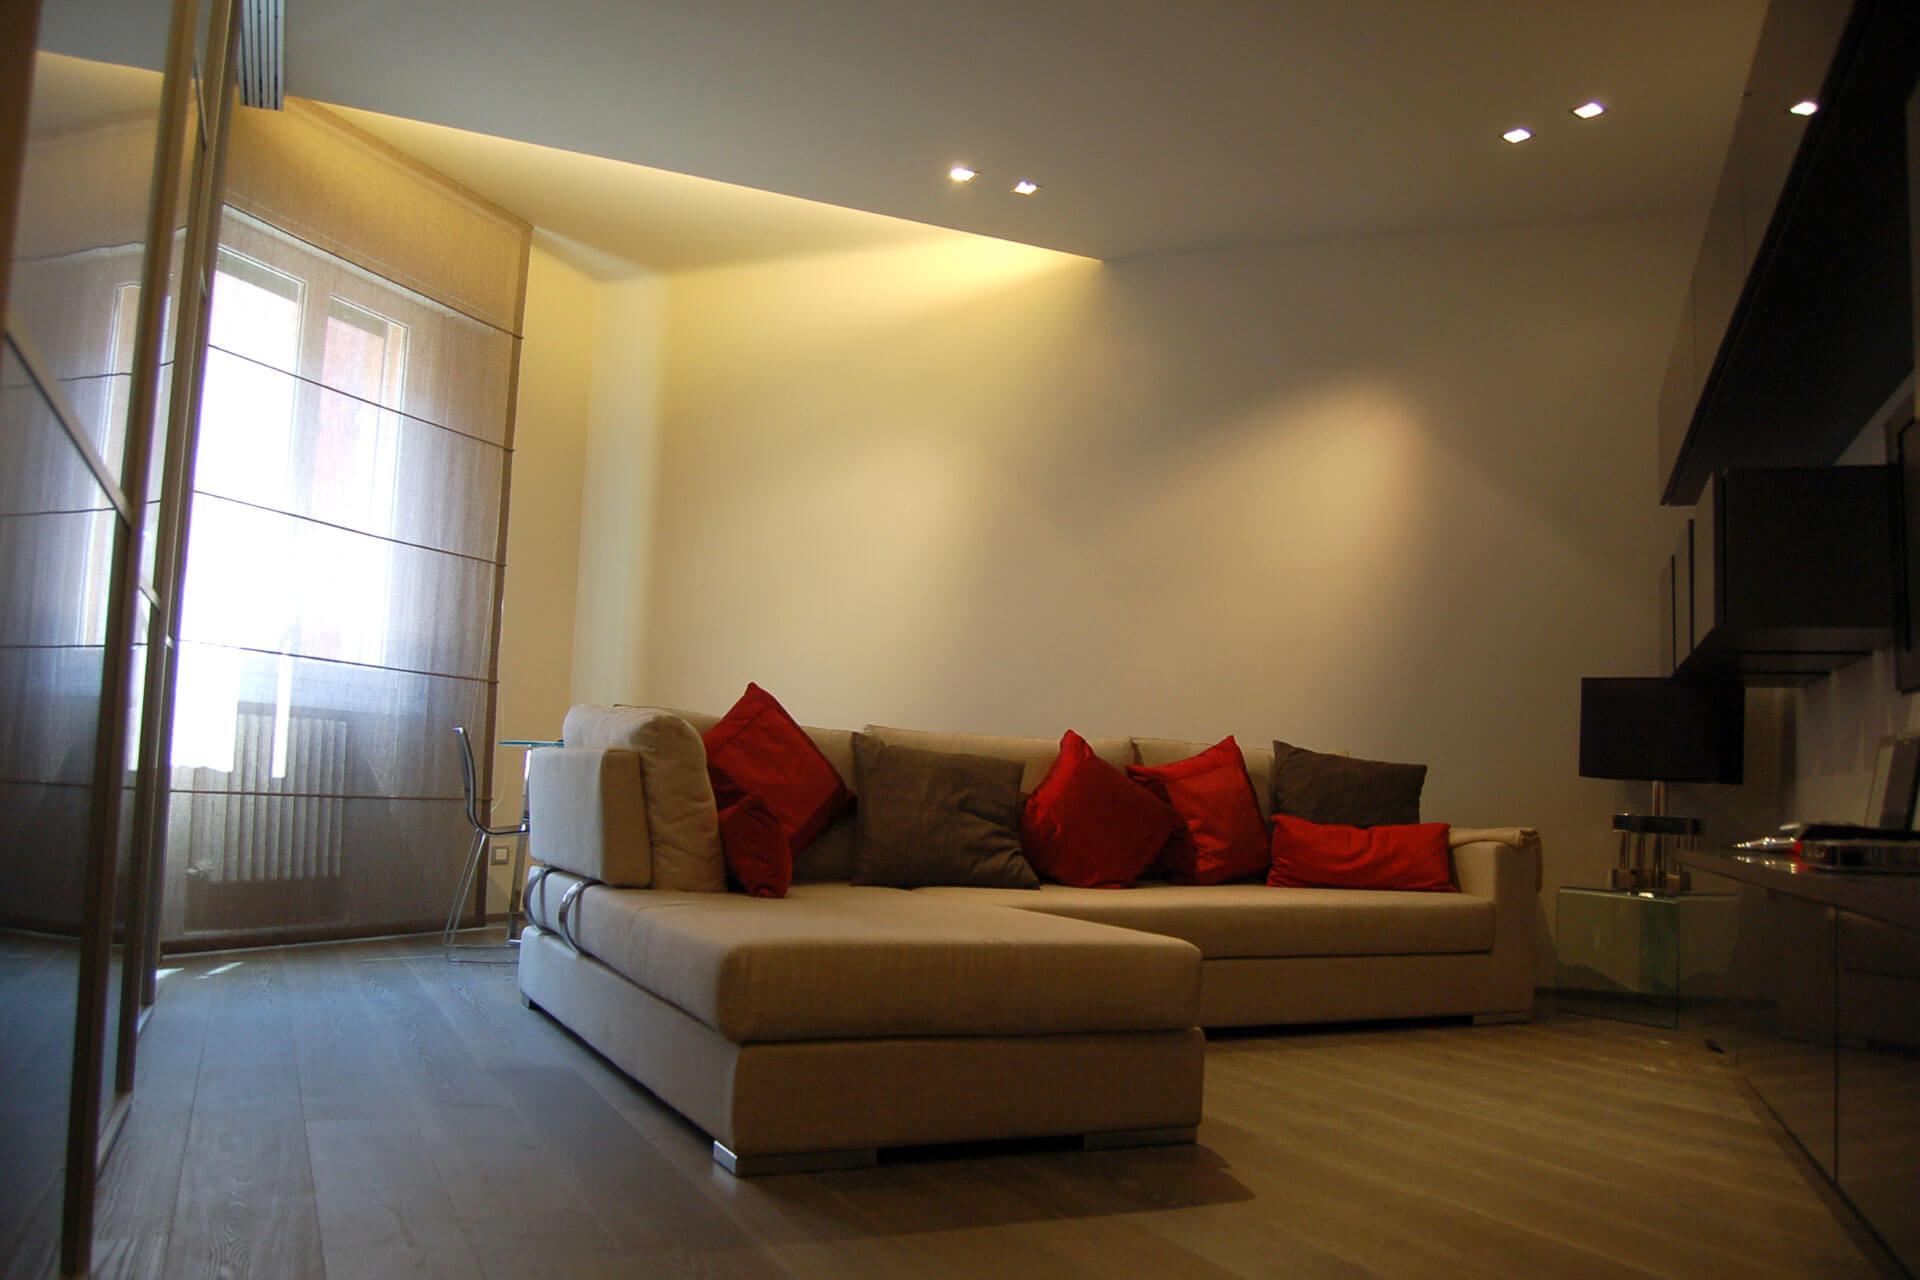 micaela-mazzoni-studio-interior-designer-bologna-progetti-abitativi-gallery-appartamento-bologna-via-lame